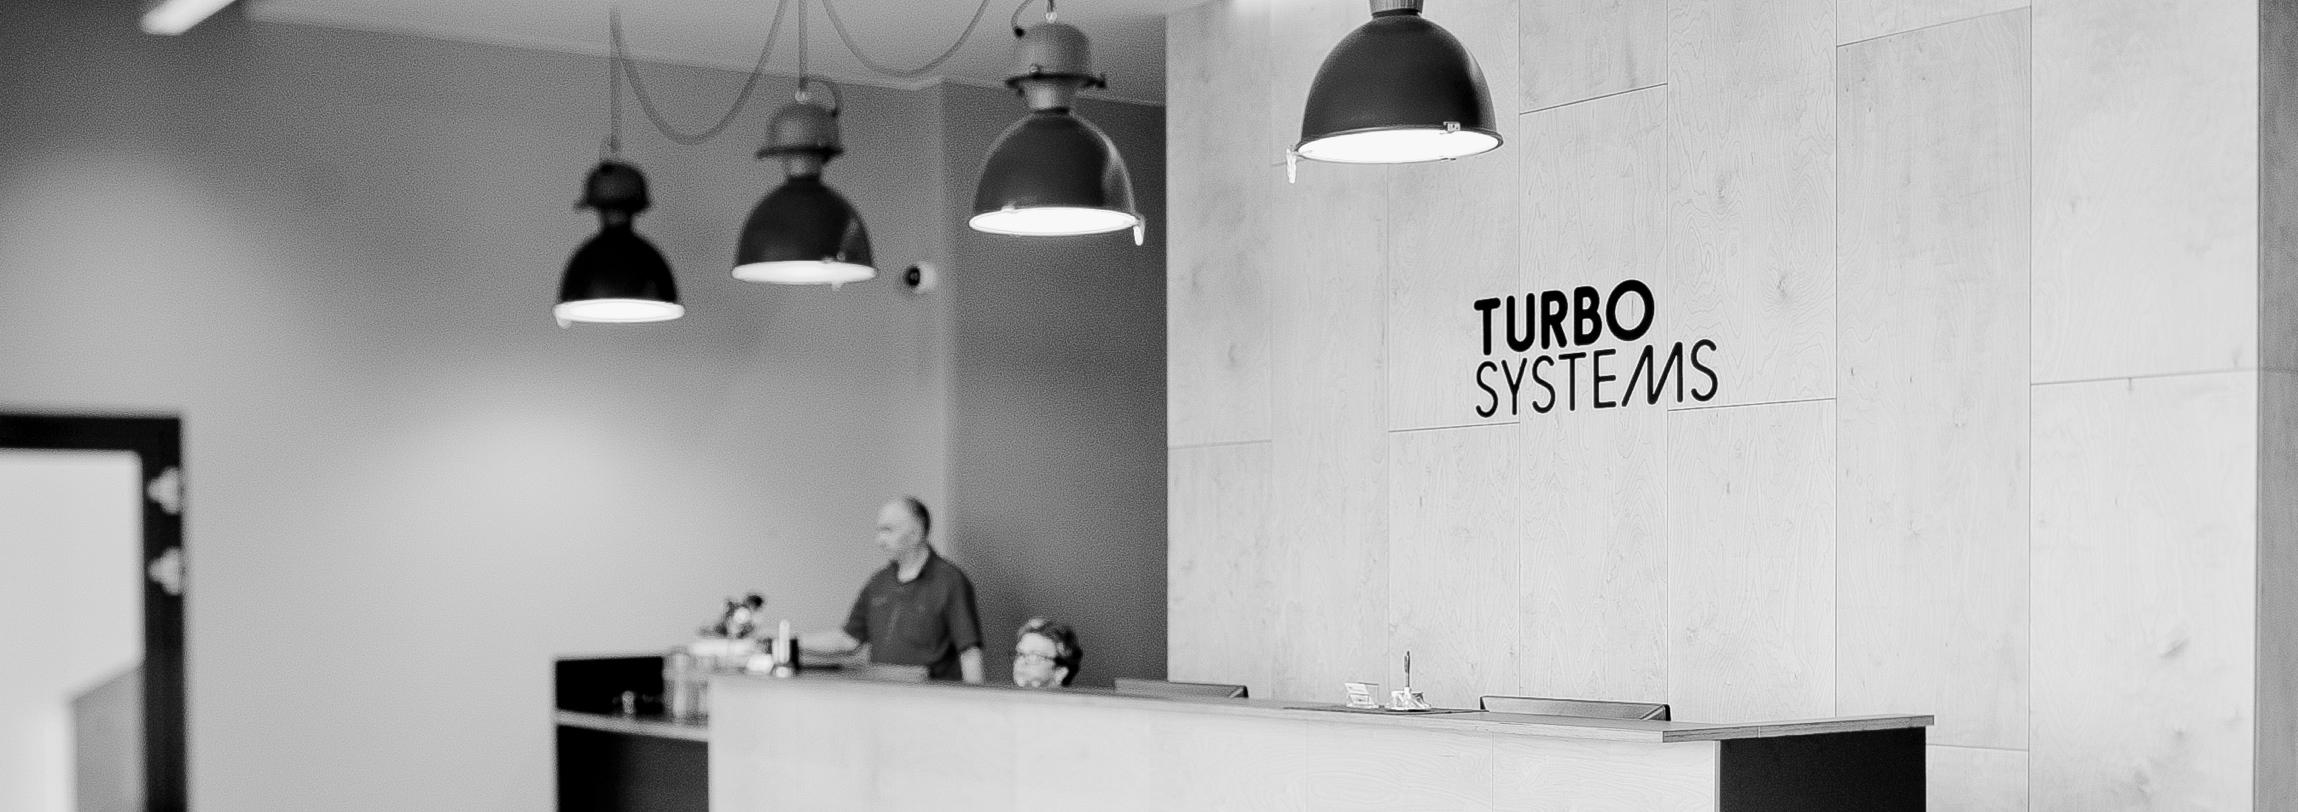 turbosystems_pradzia_3